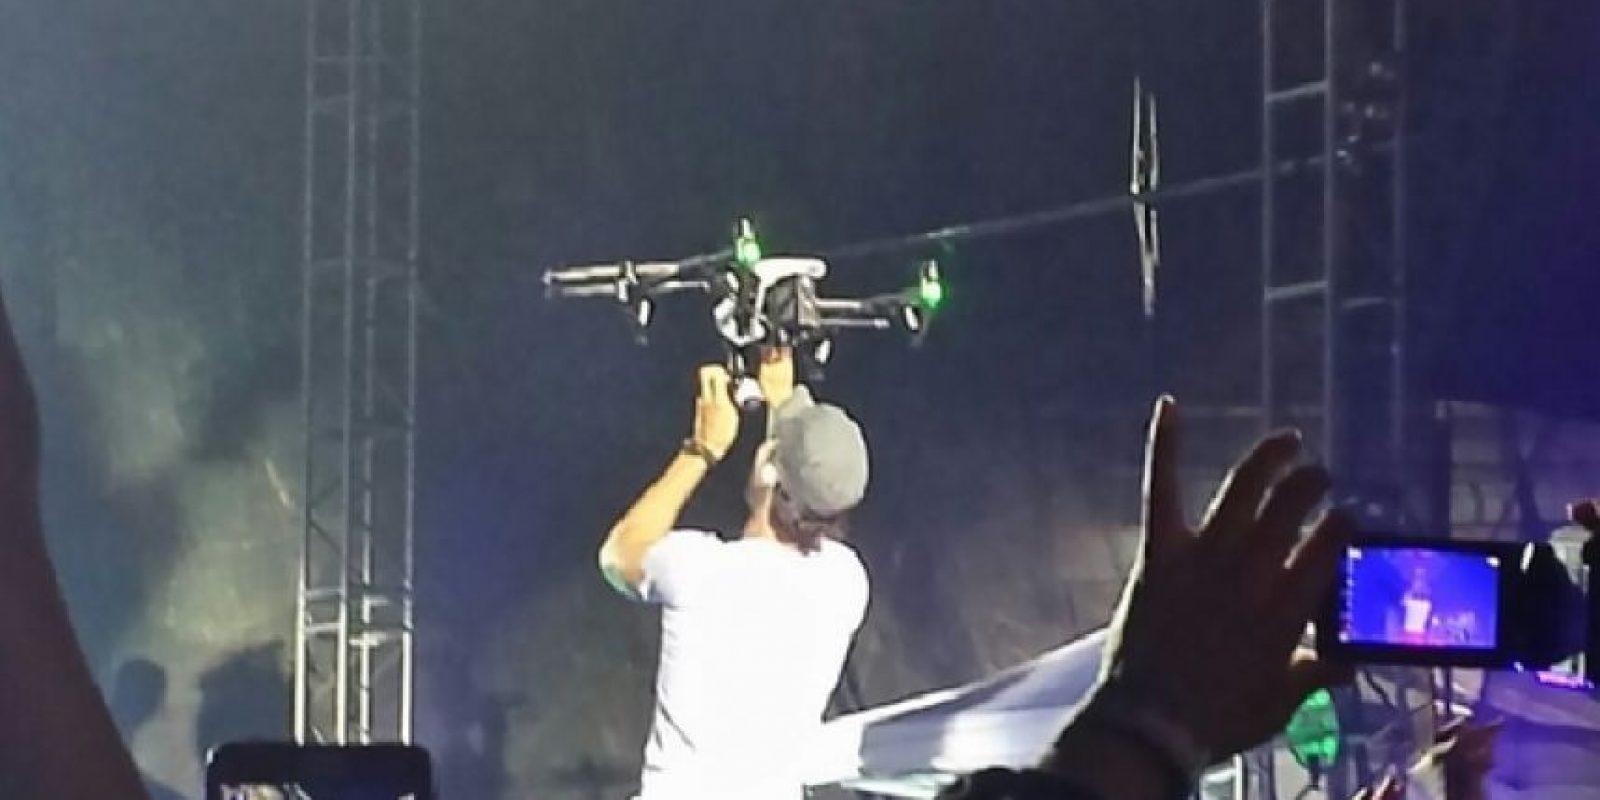 Al tratar de tomar el dron con sus manos, las hélices cortaron dos dedos del artista Foto:Twitter – @mirosawasawecka